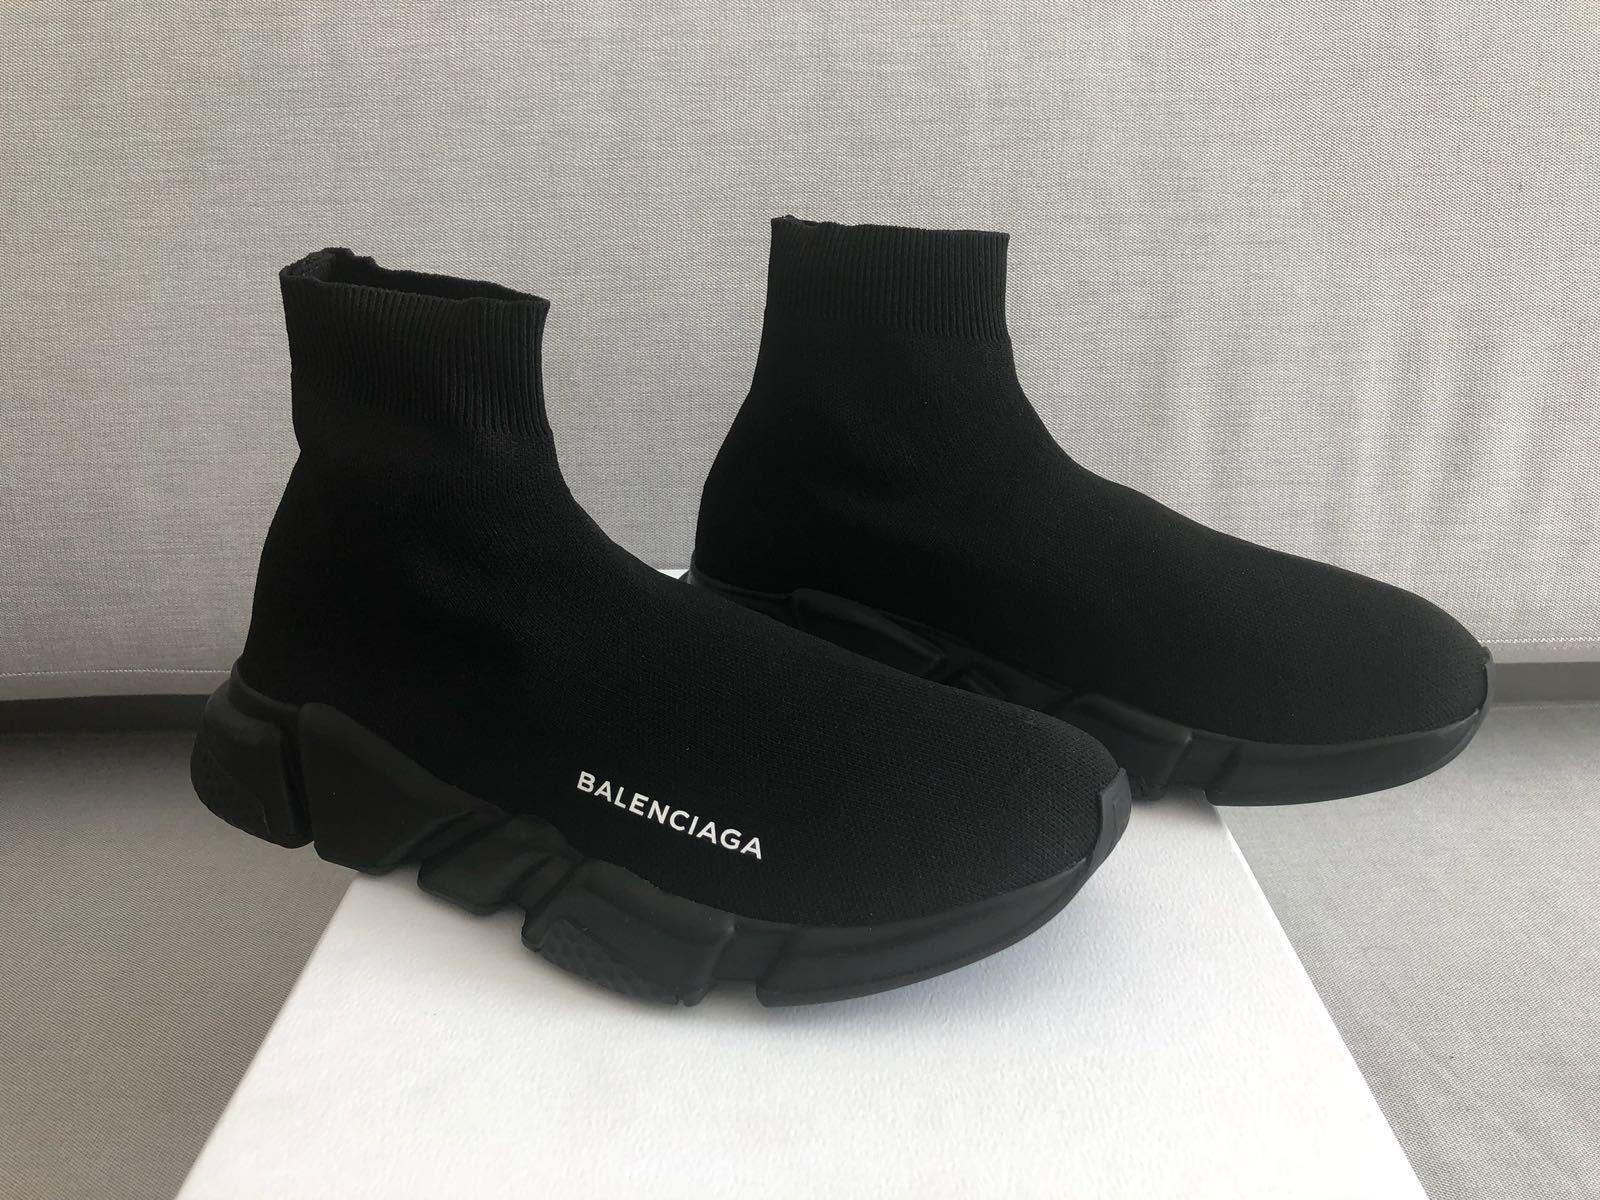 Balenciaga Speed Triple Negro Talla EU 39, 40, 41, 42, 43, 43, 45, 44, 46